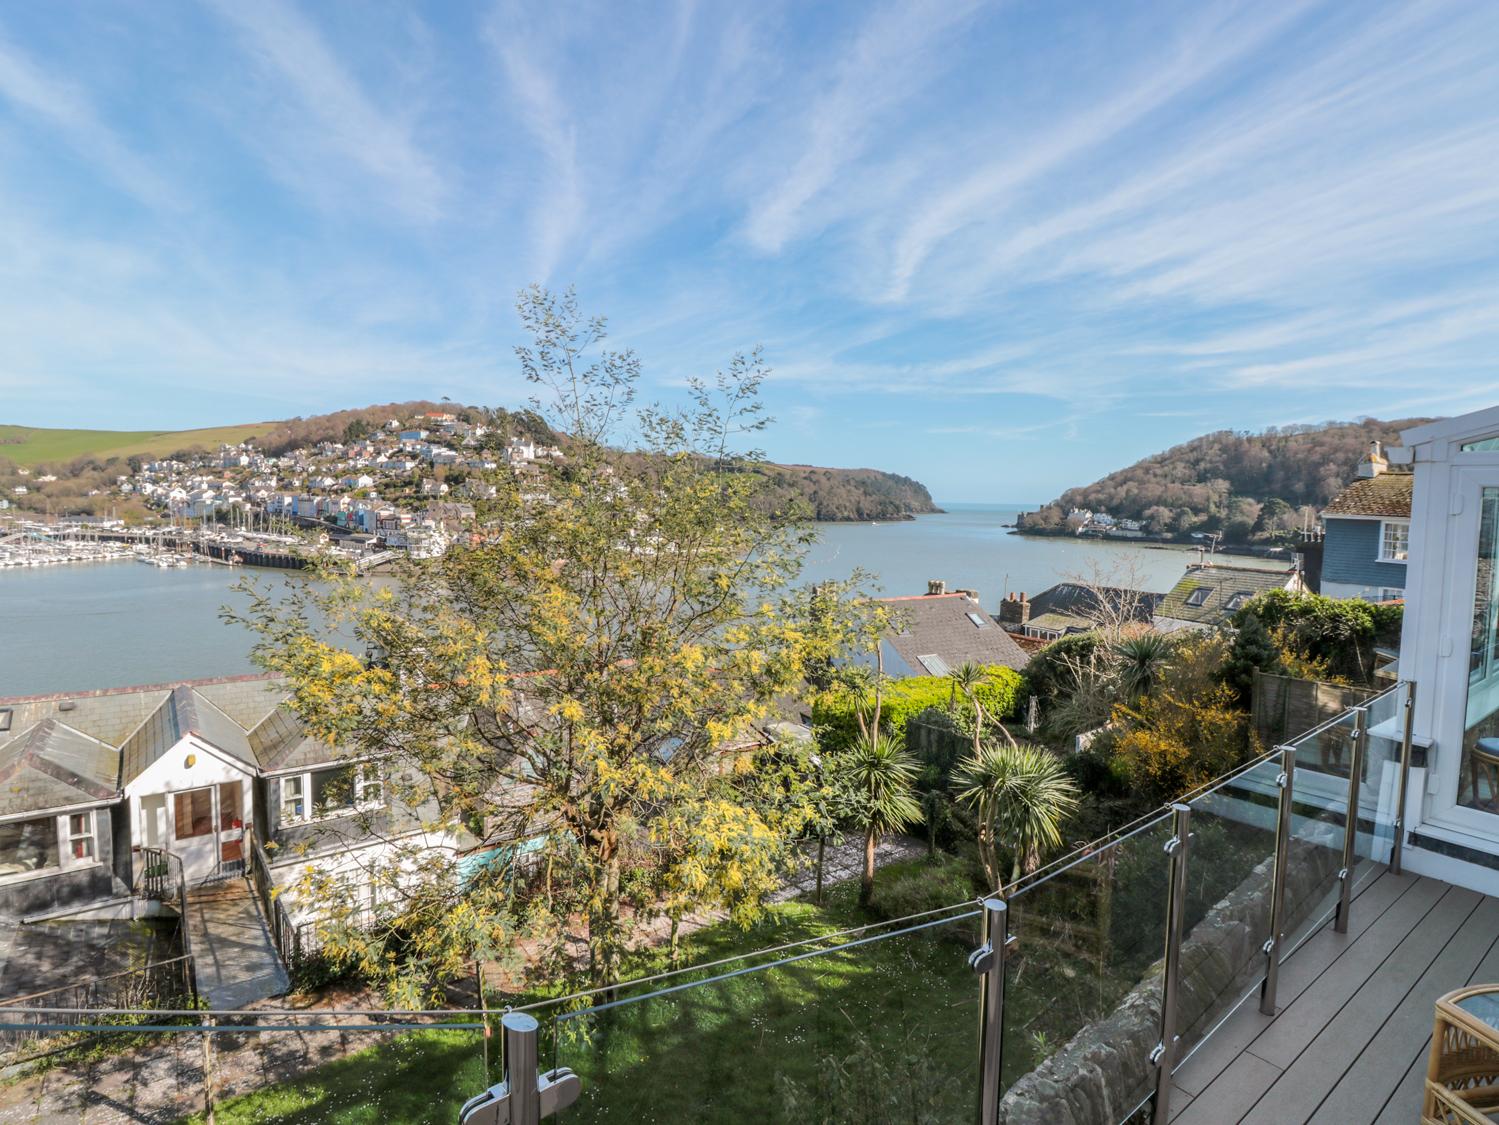 Estuary View (House & Annexe)